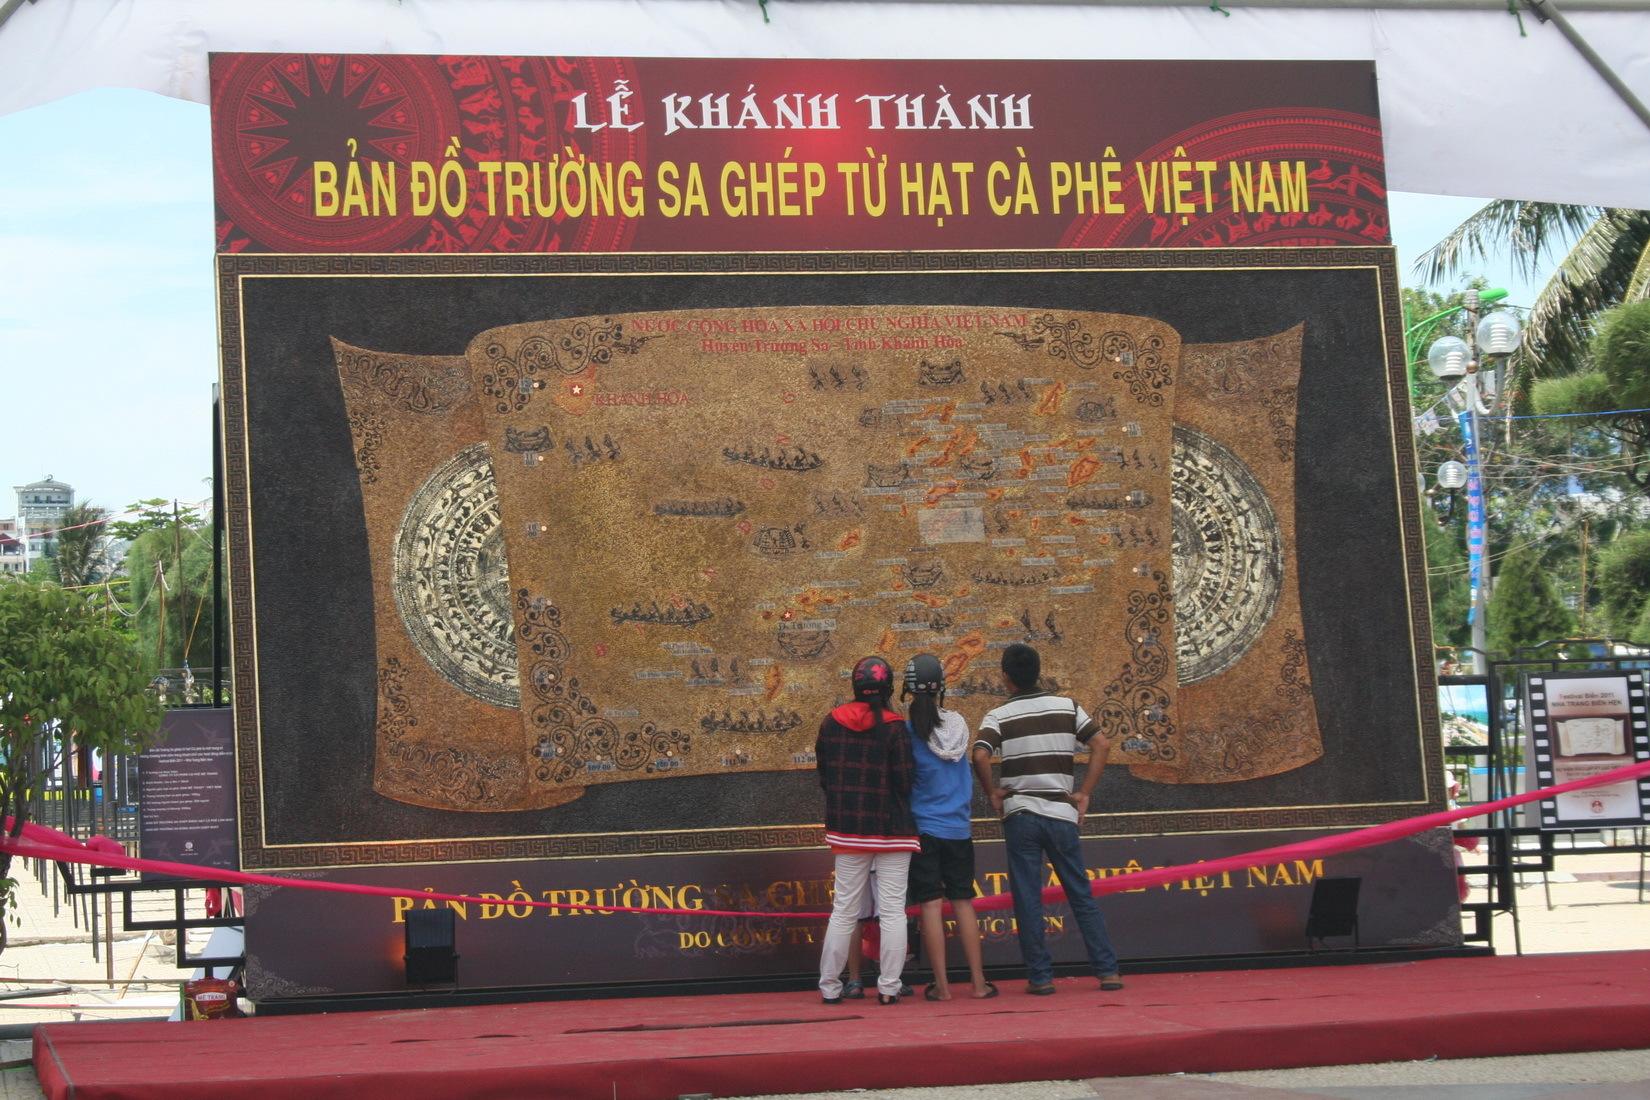 Mô hình bản đồ Trường Sa ghép bằng hạt cà phê Việt